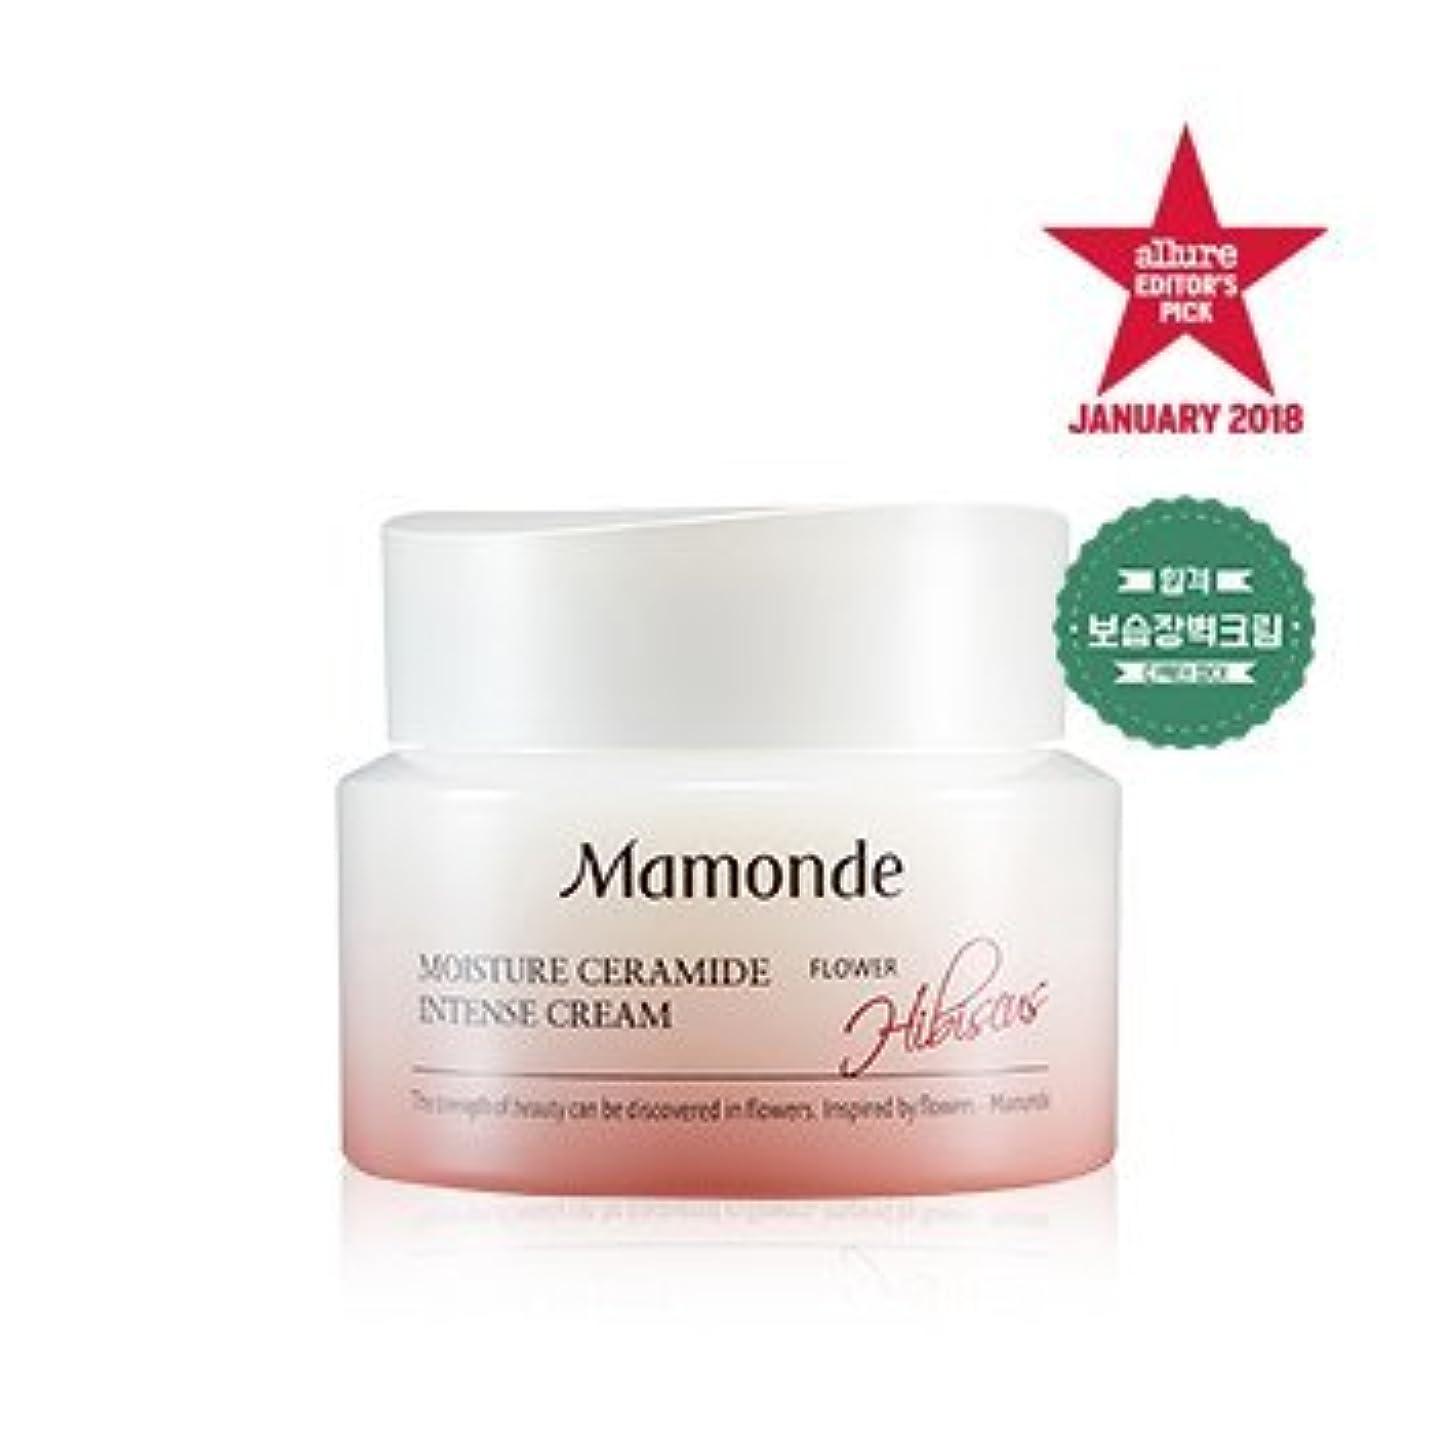 チームカテナバクテリア[MAMONDE] モイスチャーセラミドインテンシブクリーム / Moisture Ceramide Intense cream 50ml [並行輸入品]